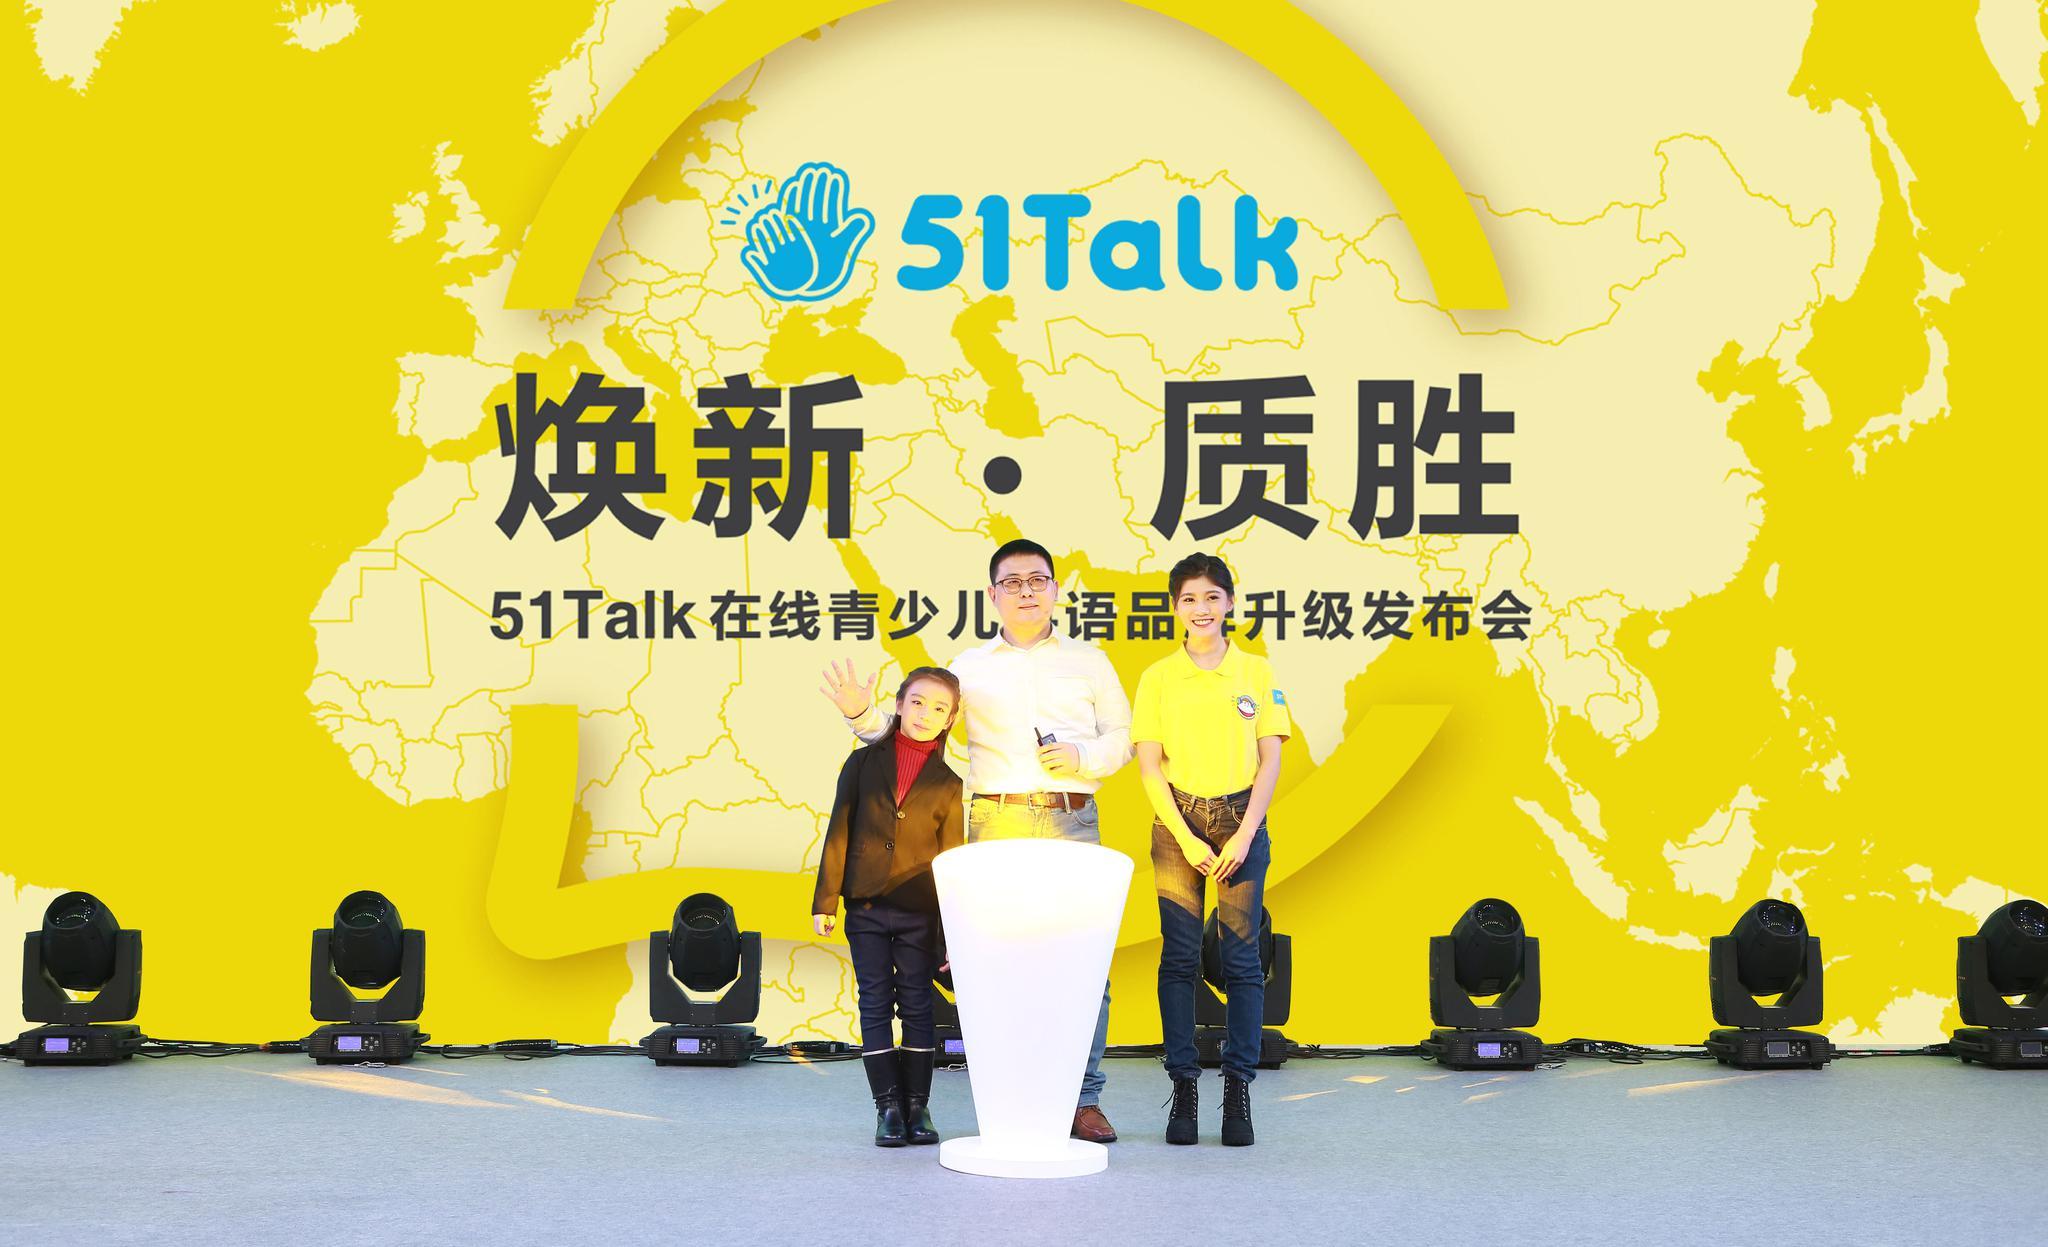 51Talk宣布只做在线青少儿英语业